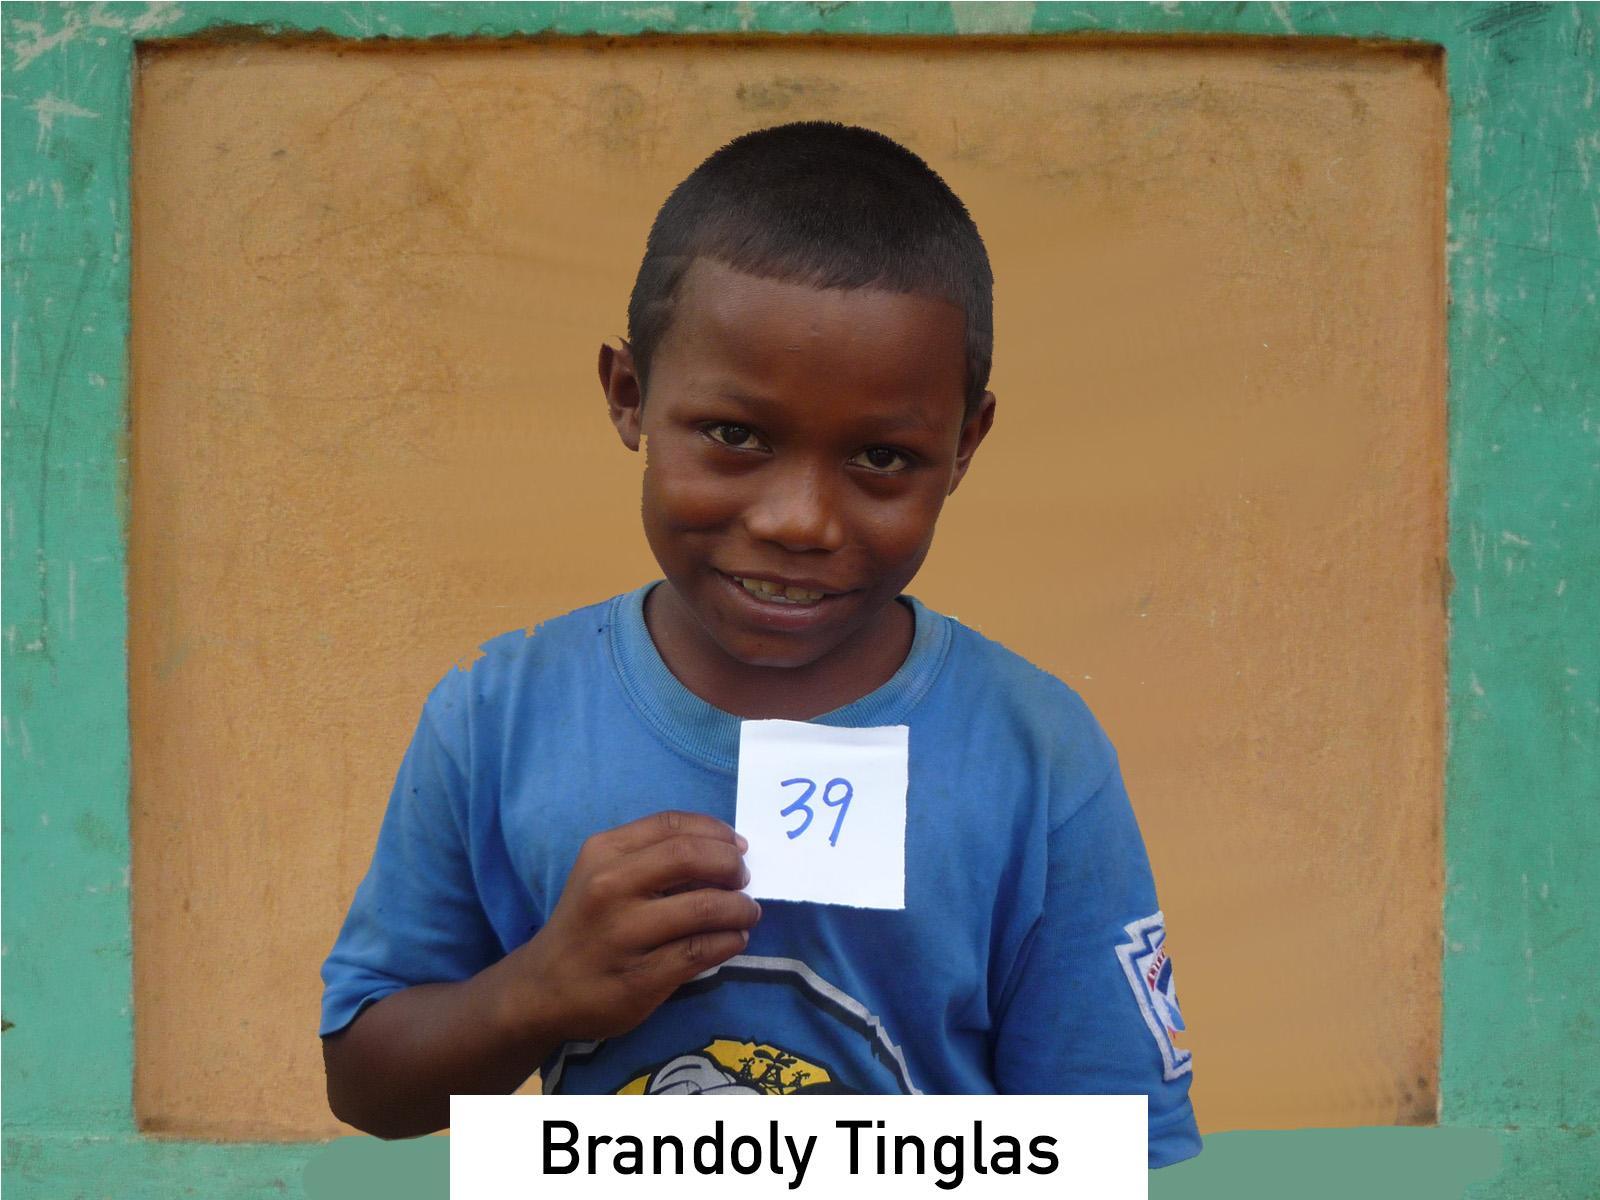 039 - Brandoly Tinglas.jpg